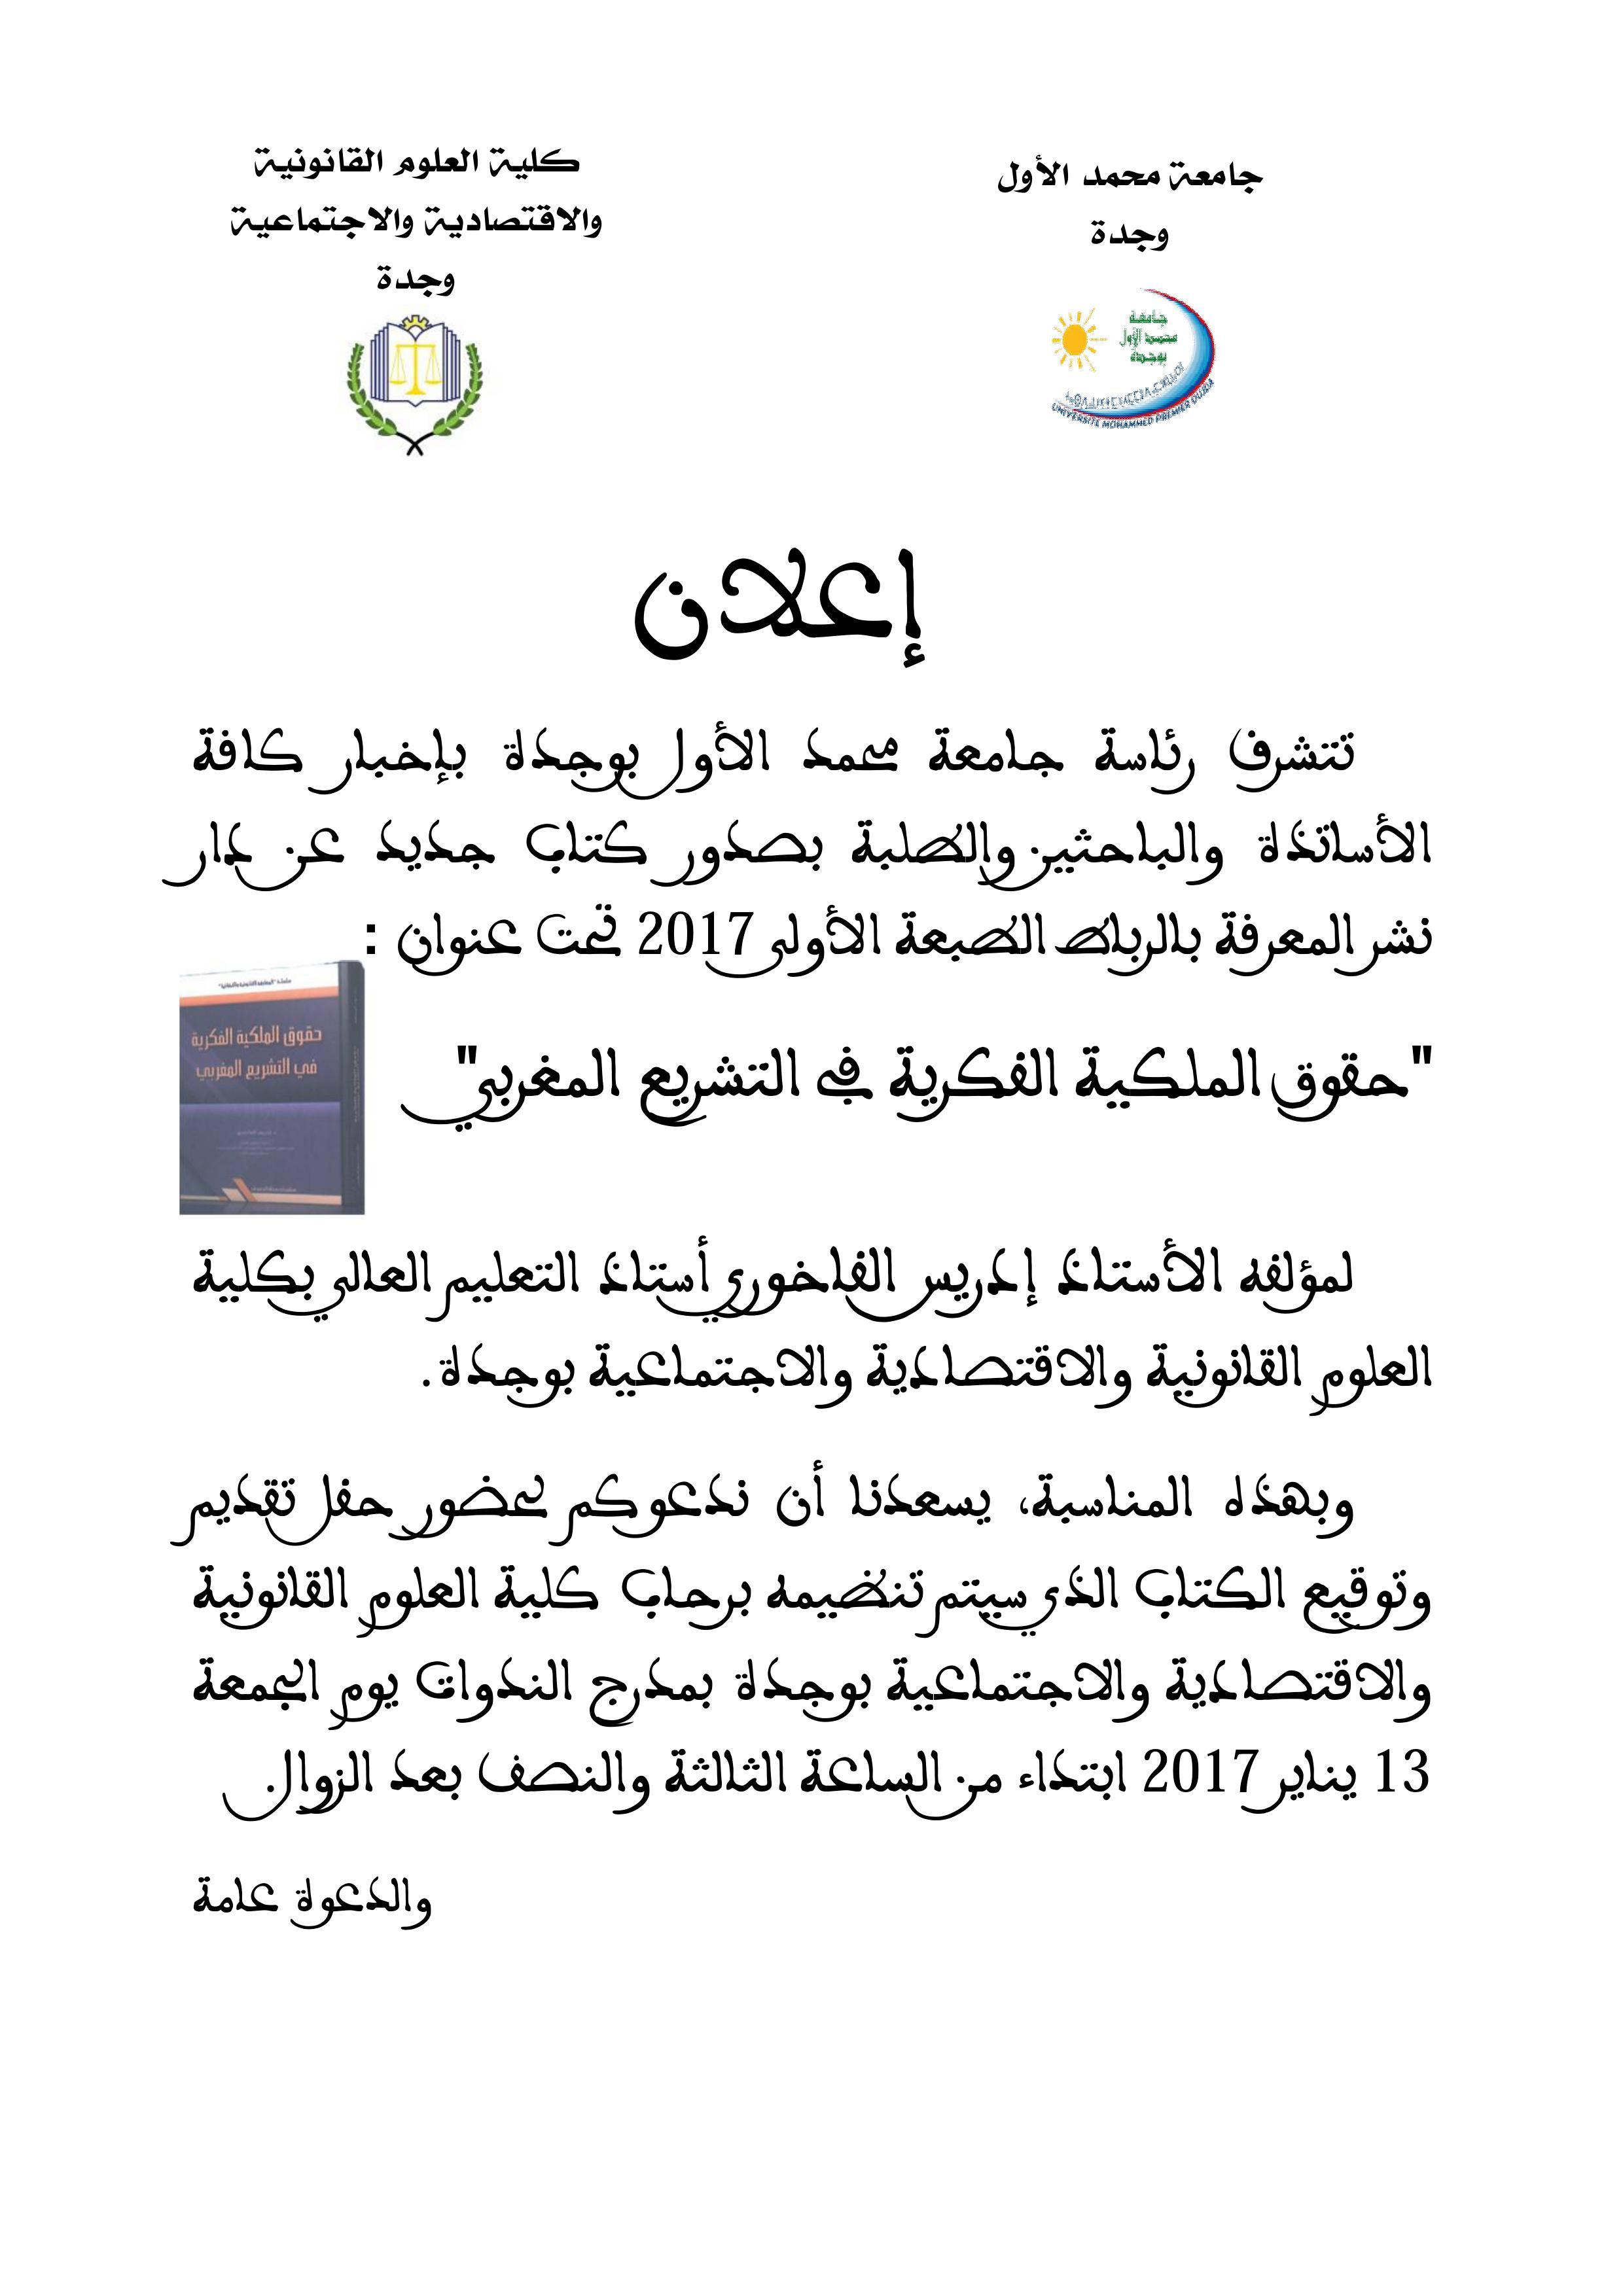 """حفل تقديم وتوقيع كتاب د/ ادريس الفاخوري المعنون ب""""حقوق الملكية الفكرية في التشريع المغربي"""" من تنظيم كلية العلوم القانونية والاقتصادية والاجتماعية بوجدة بمدرج الندوات بكلية الحقوق بوجدة يوم الجمعة 13 يناير 2017"""